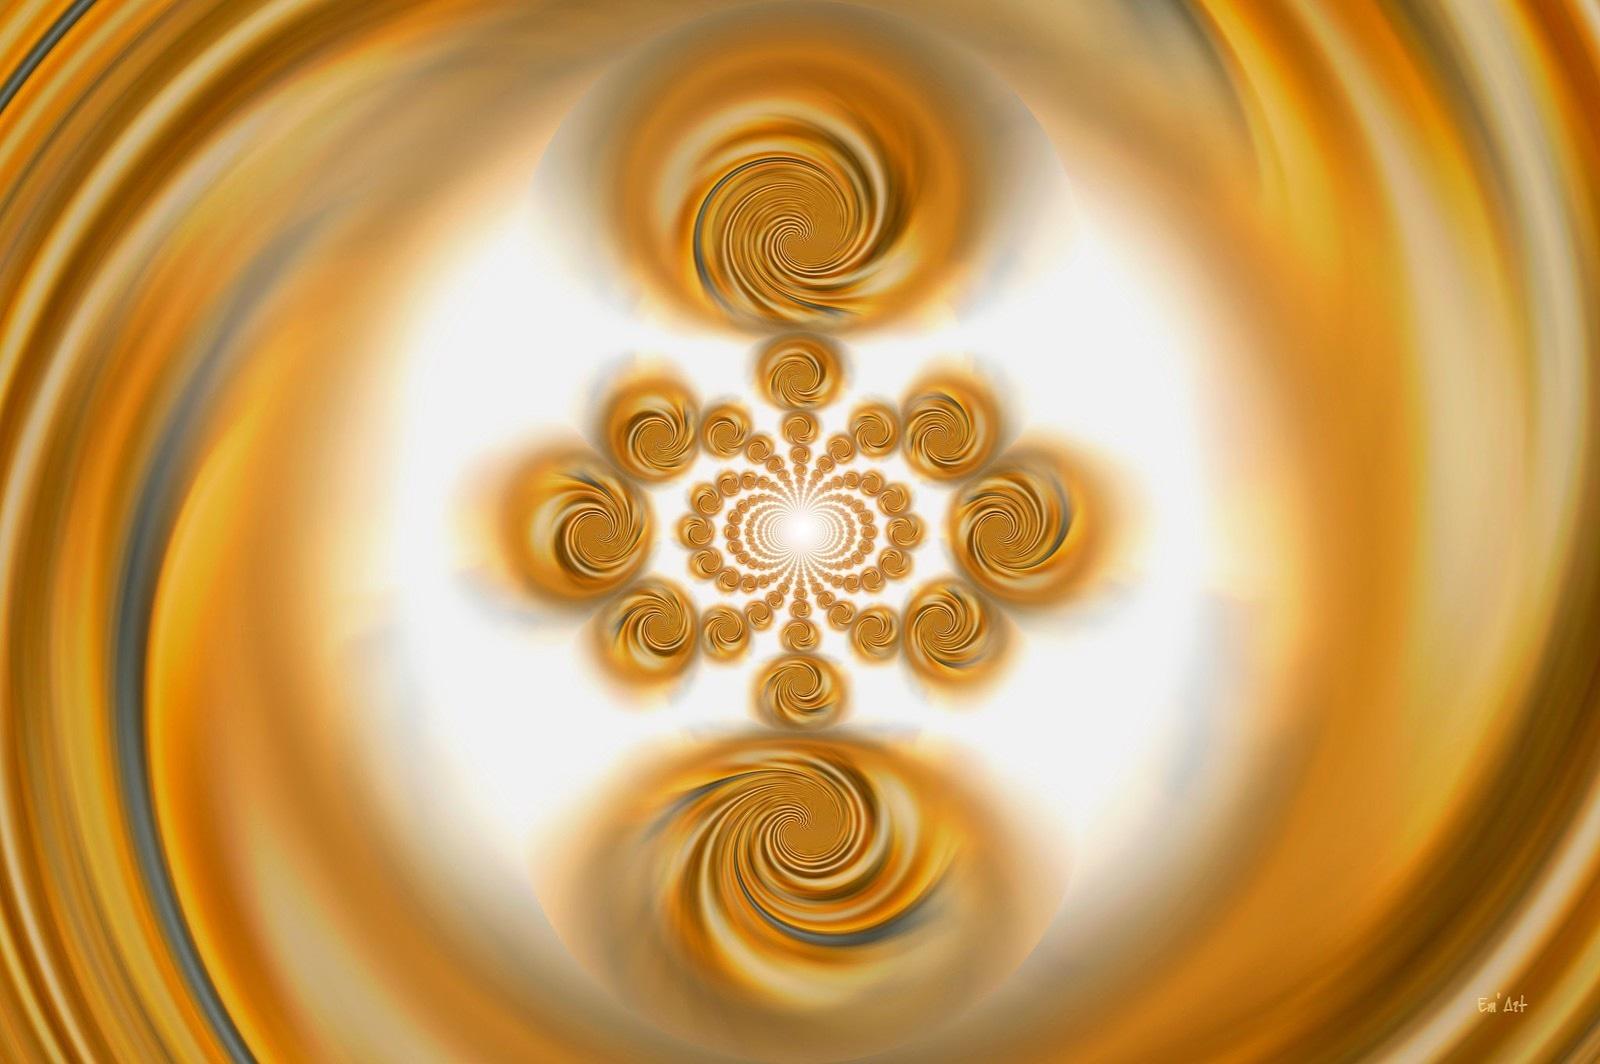 Univers fractal, art numérique abstrait par Em'Art 30 x 45 cm.